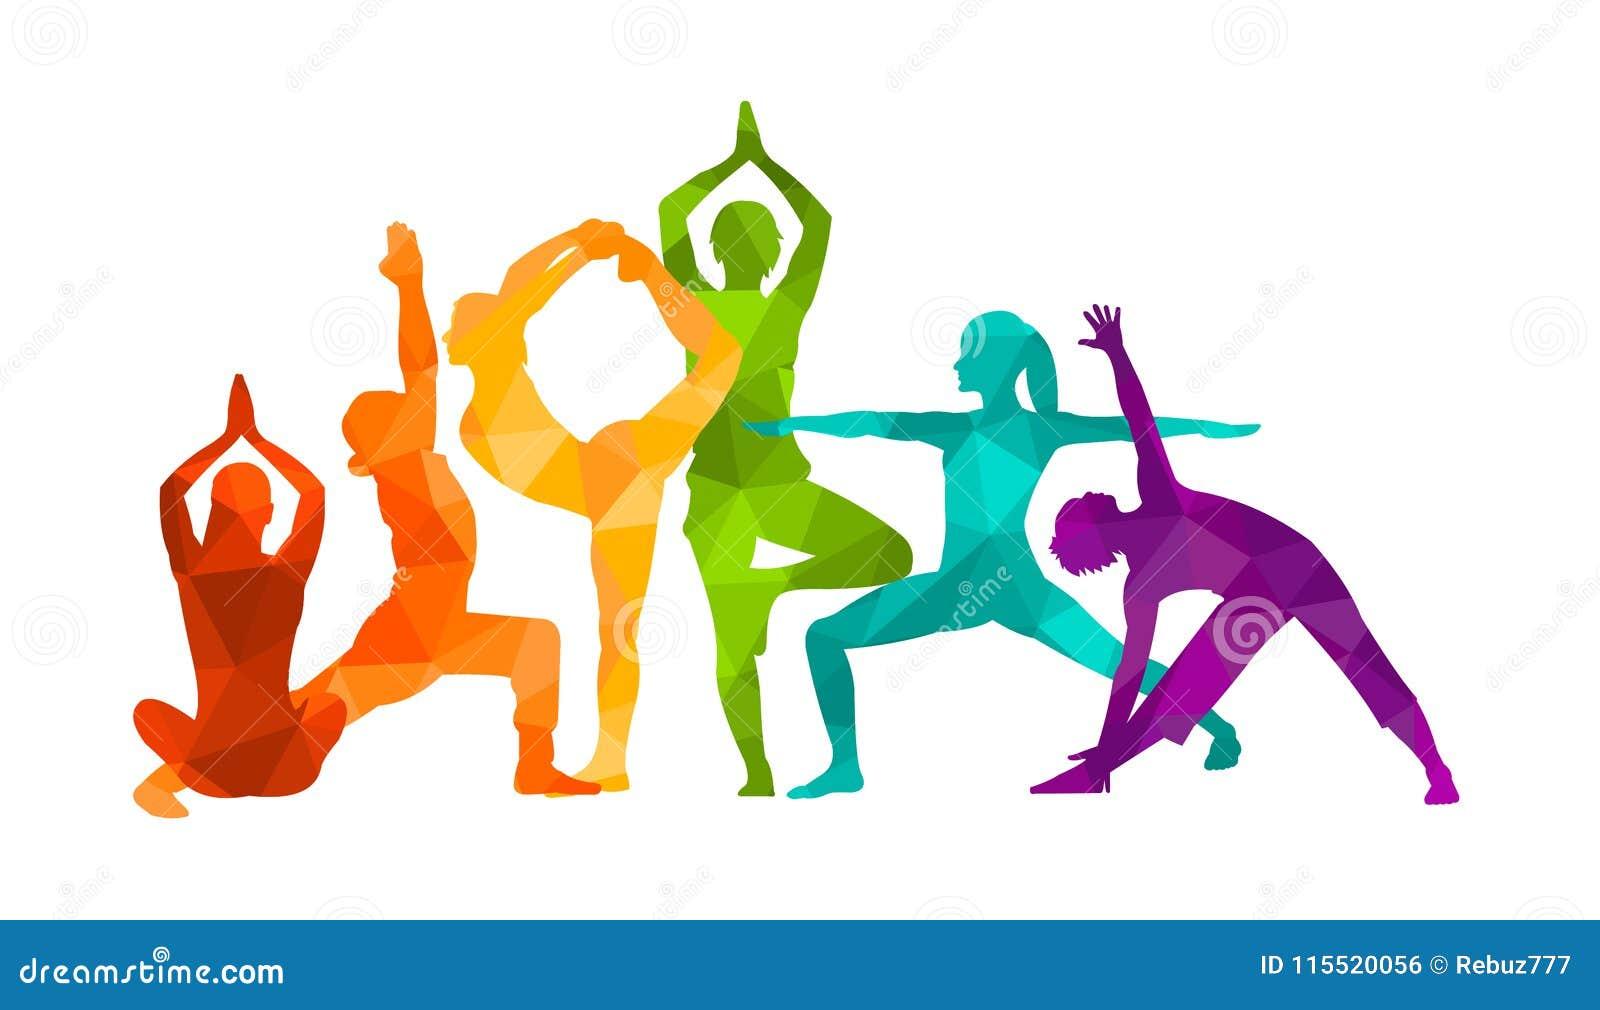 De gedetailleerde kleurrijke vectorillustratie van de silhouetyoga Het concept van de geschiktheid gymnastiek AerobicsSport